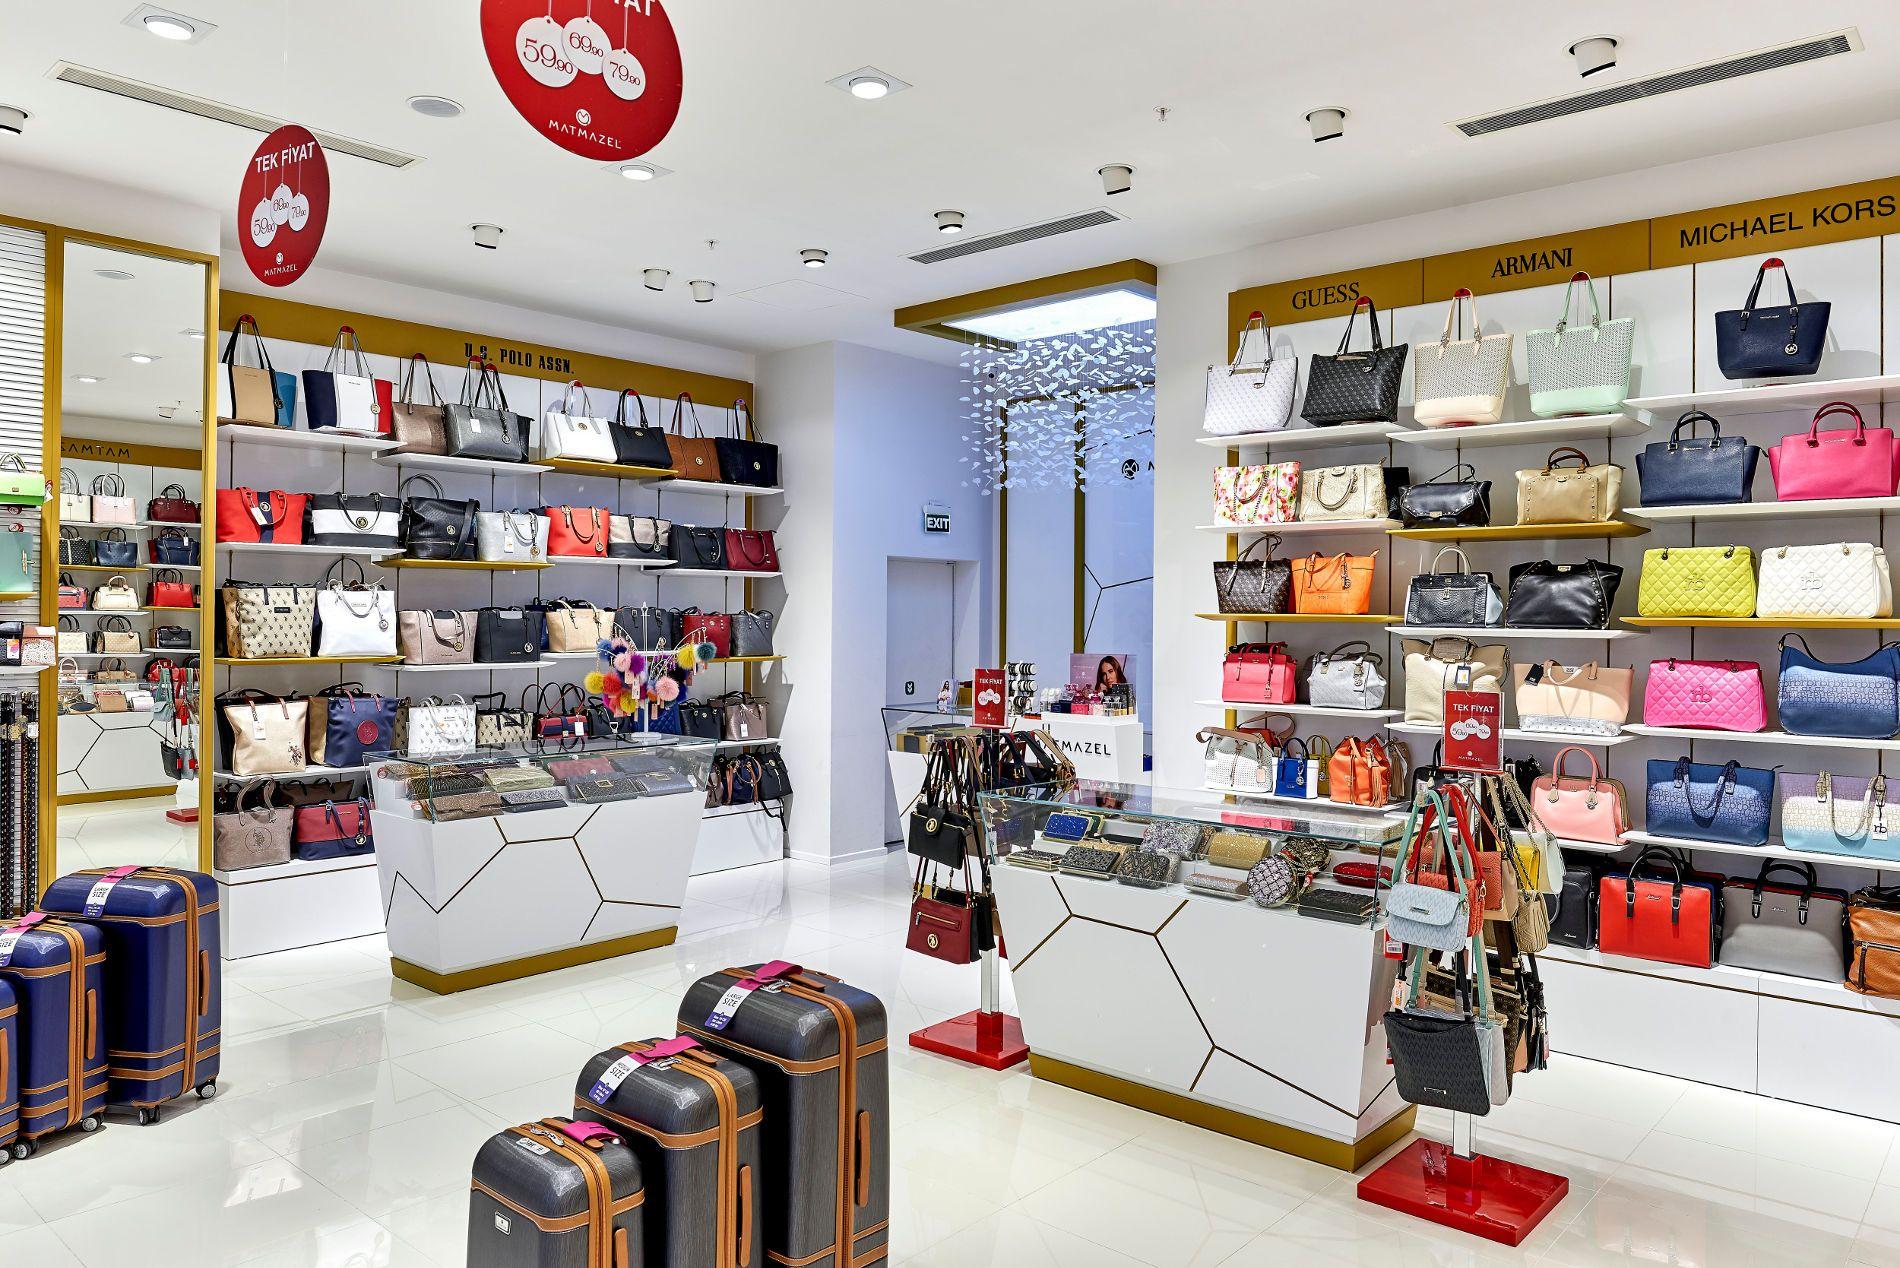 Matmazel Passend Zum Corporate Identity Hat Shopline Ladenbau Ein Modernes Design Entworfen Und Umgesetzt Al Store Design Interior Design Company Store Design